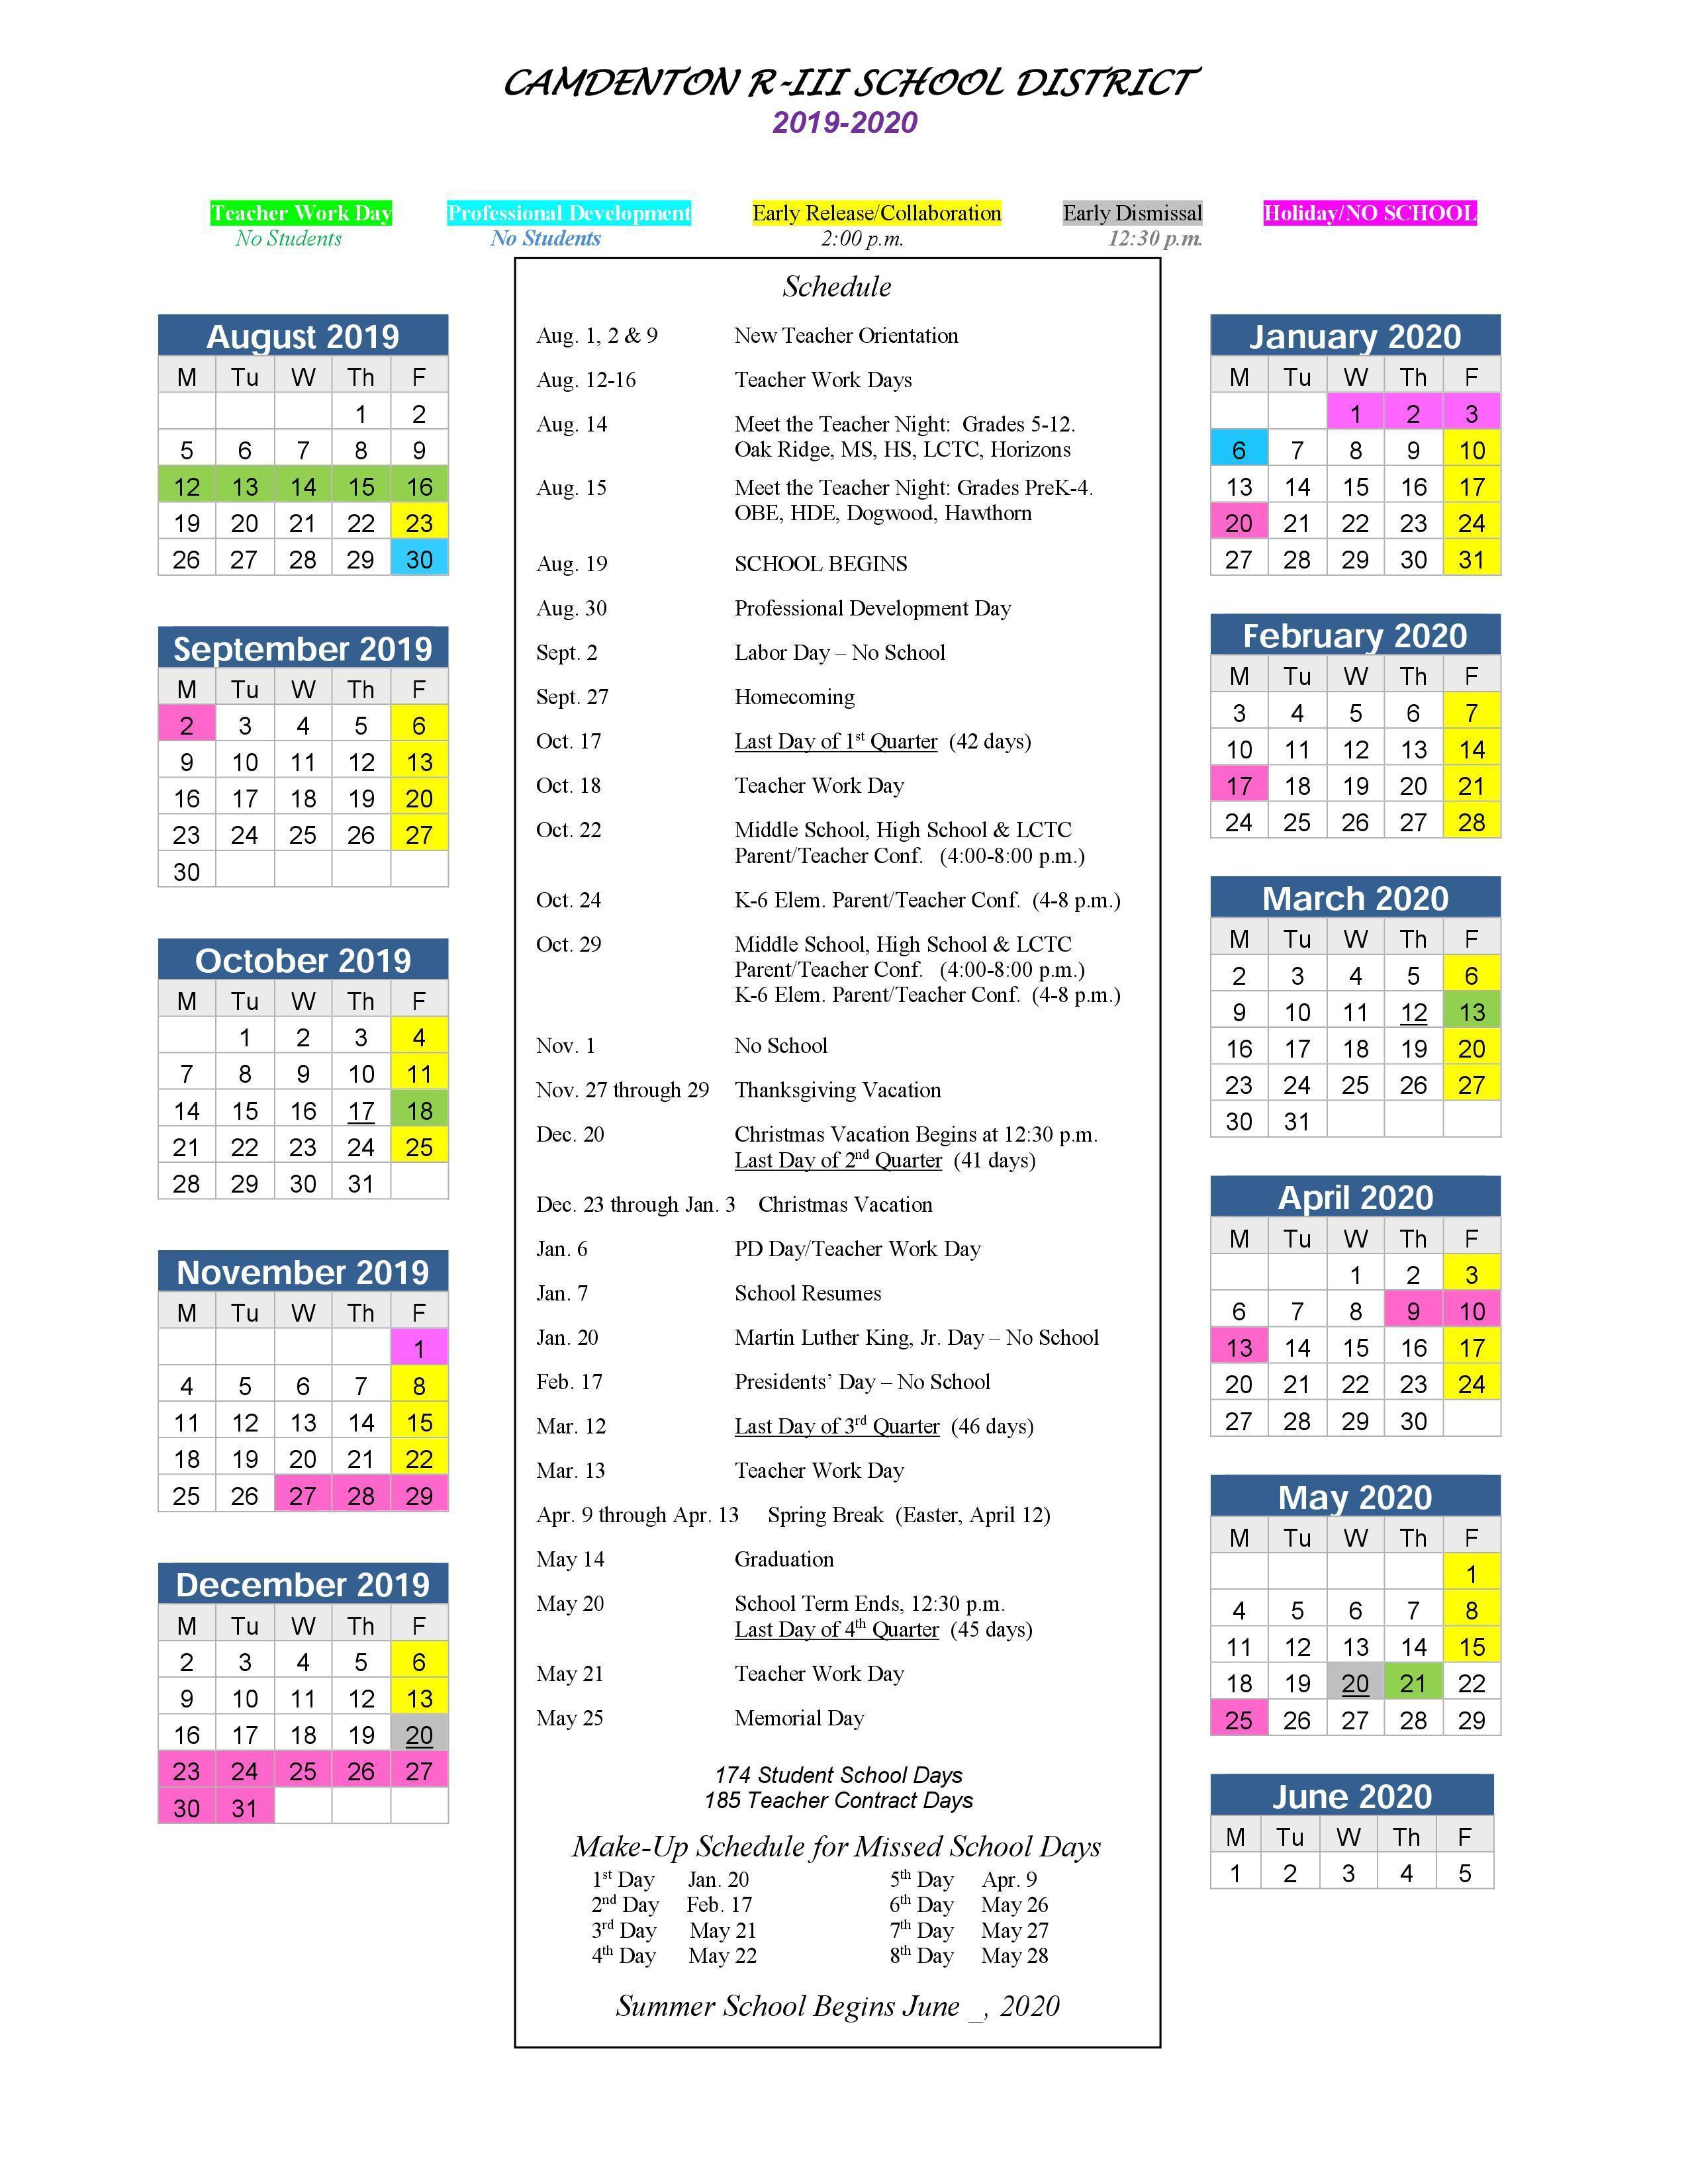 Camdenton R Iii School District With Dare County School Calendar